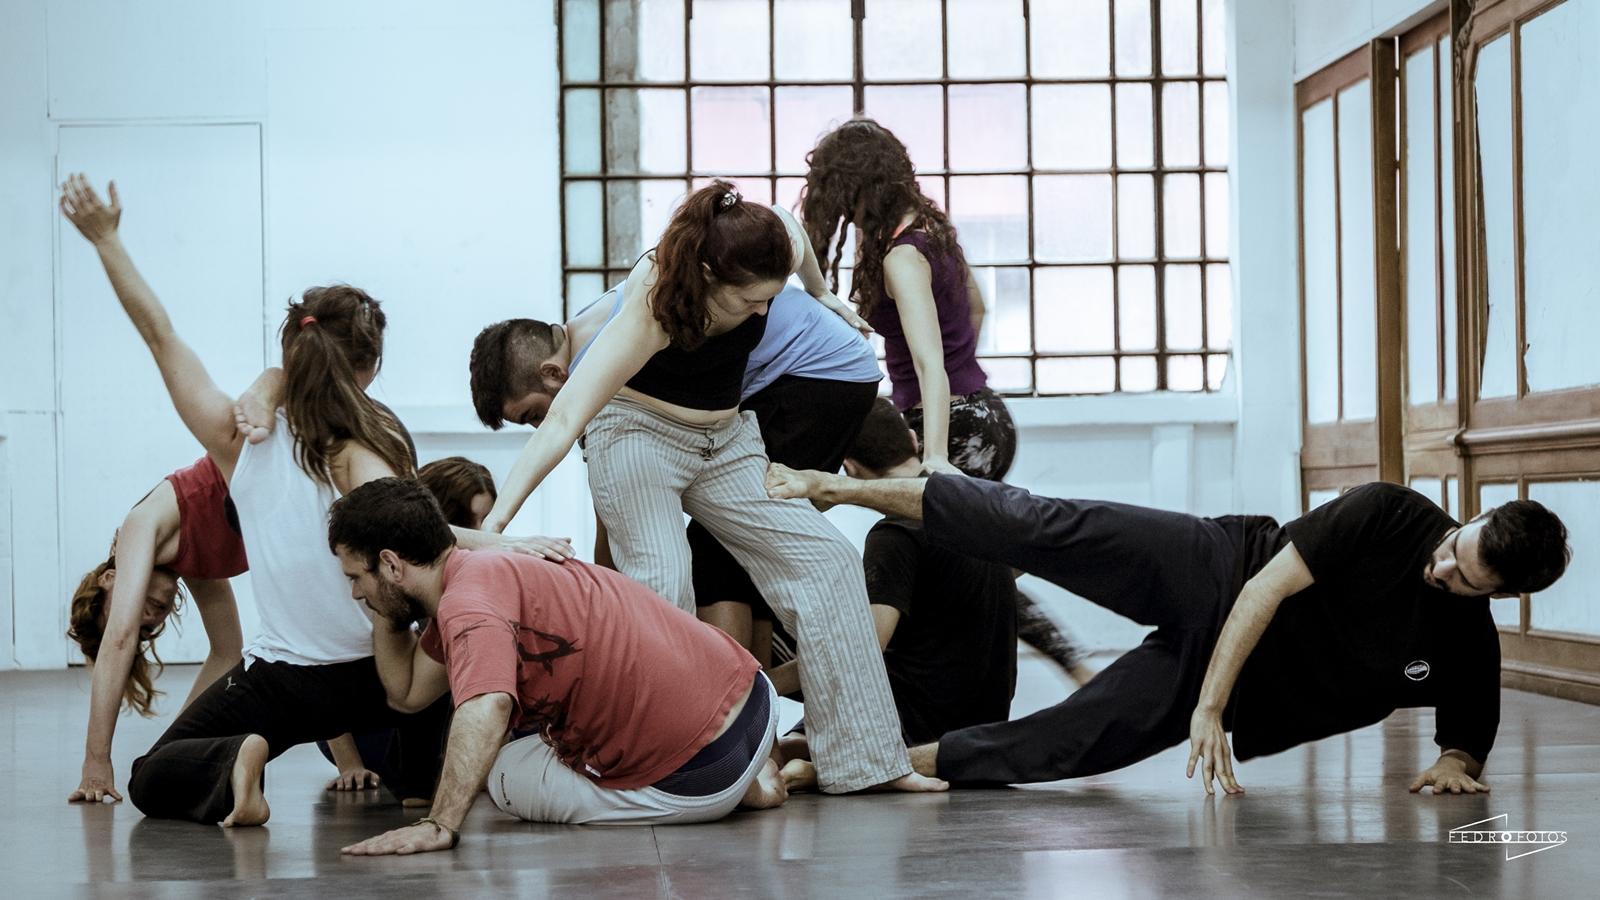 El contact improvisación: desjerarquización de los cuerpos. Fedro Fotografía.